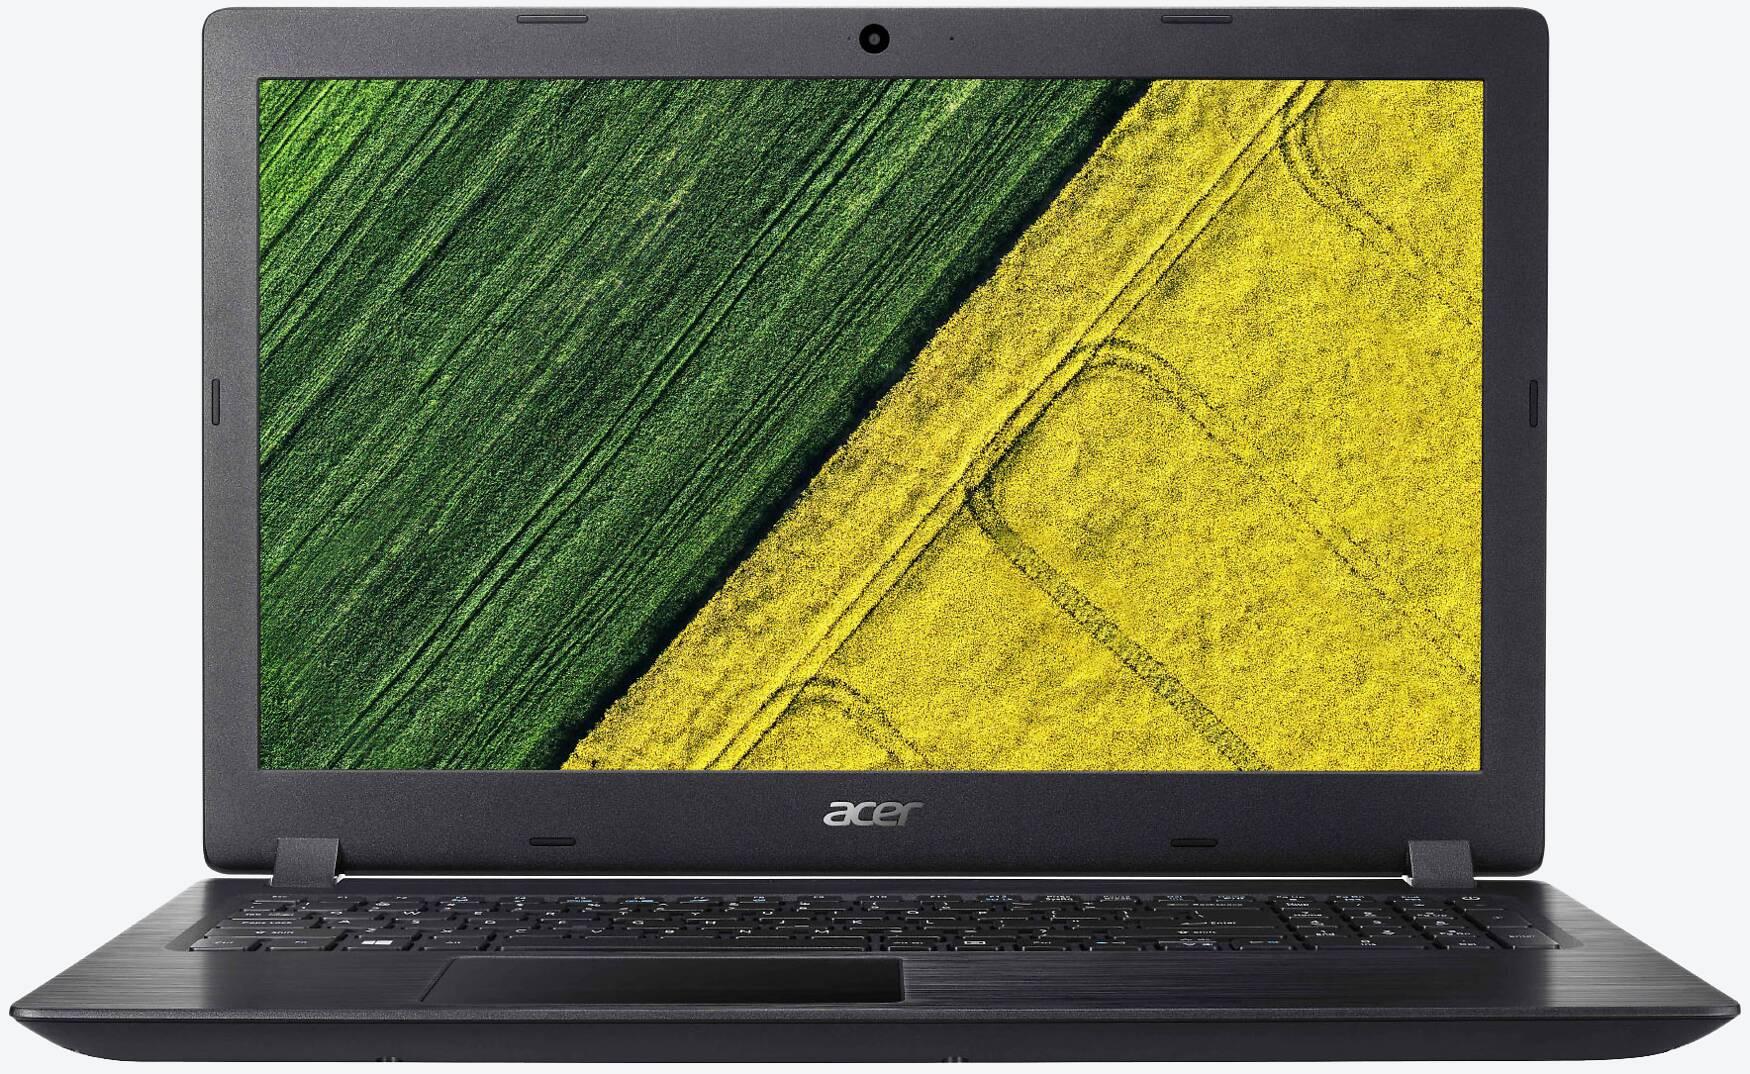 Acer Aspire 3 A315-41-R4Y2